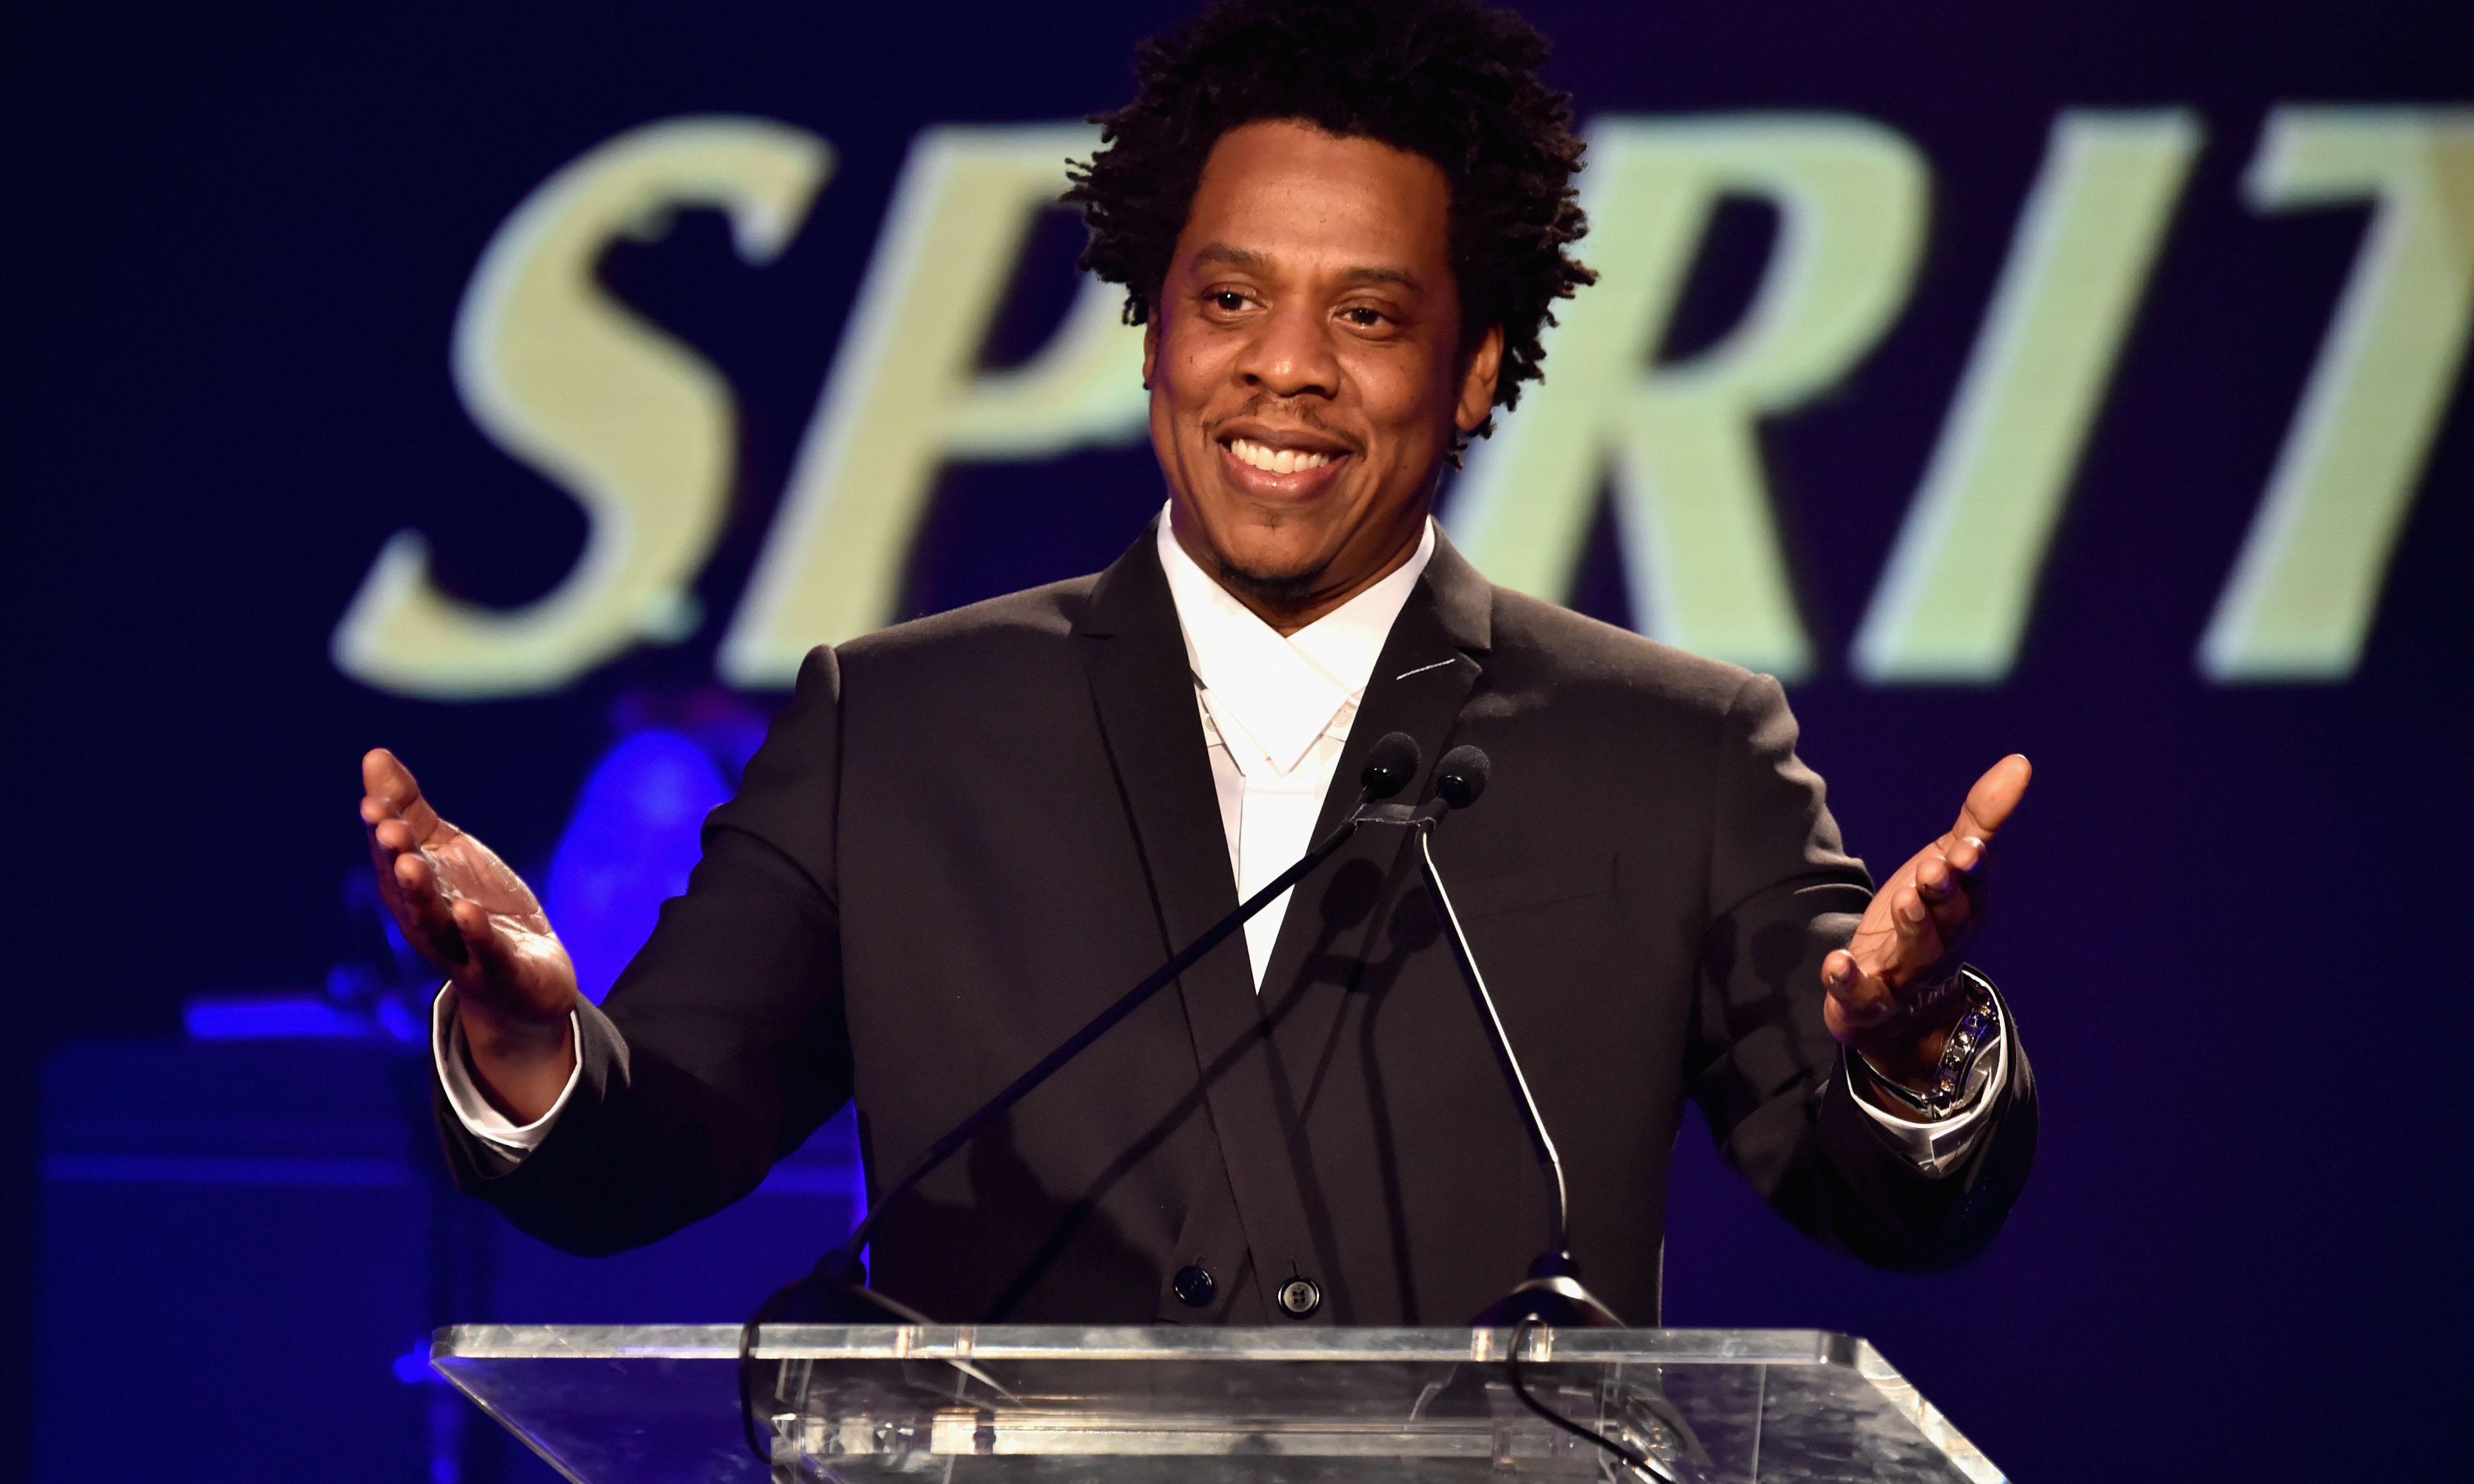 福布斯公布最富有嘻哈歌手排行榜 Top 5